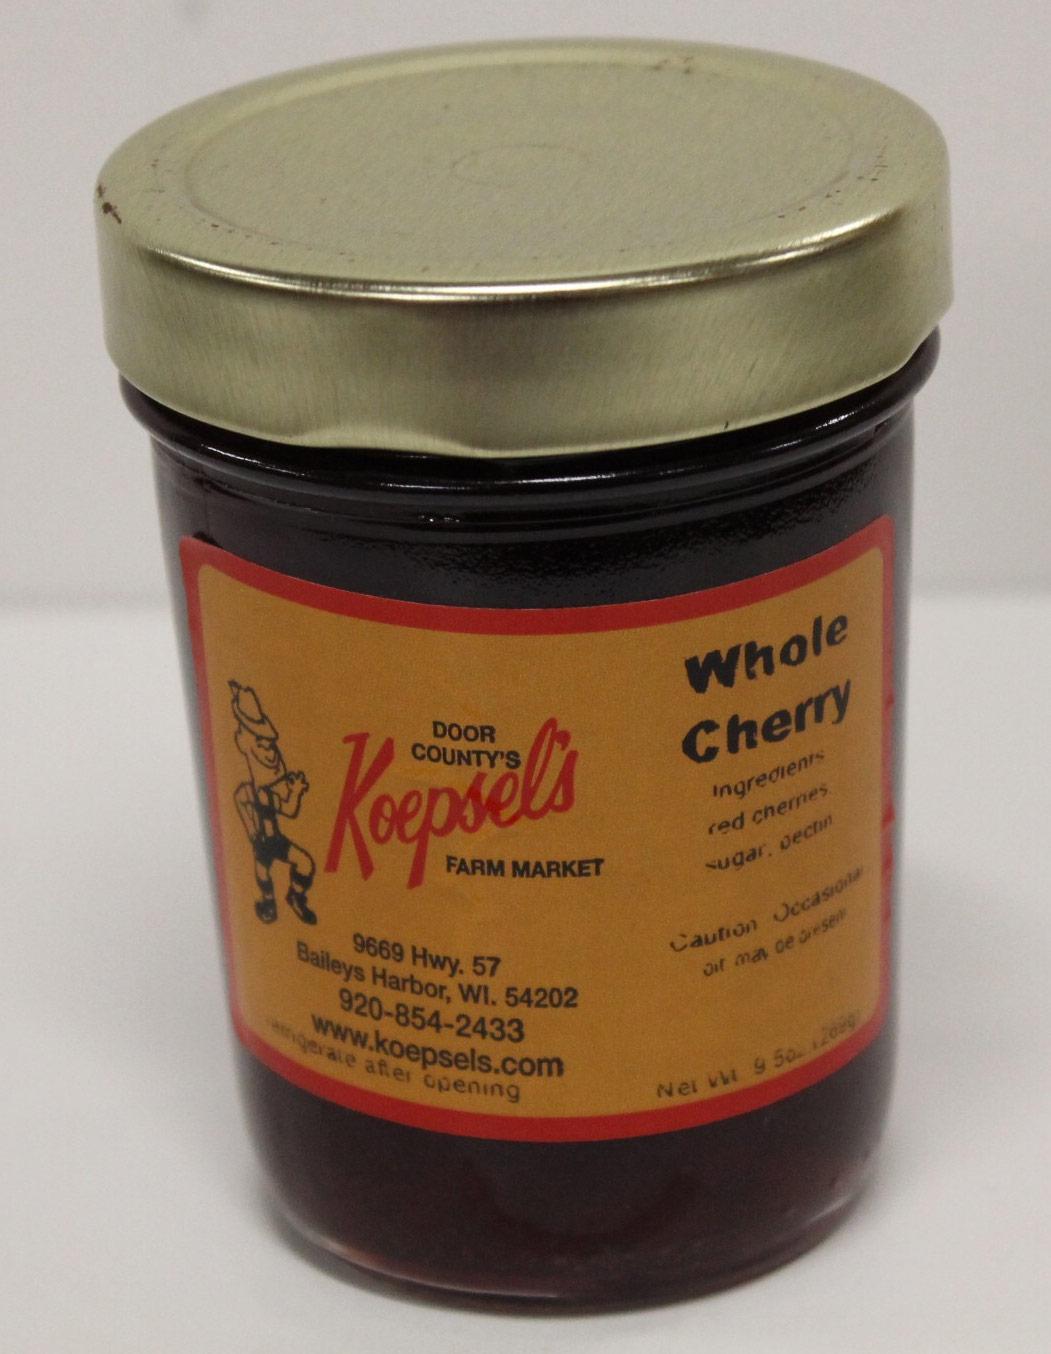 Whole Cherry Jam